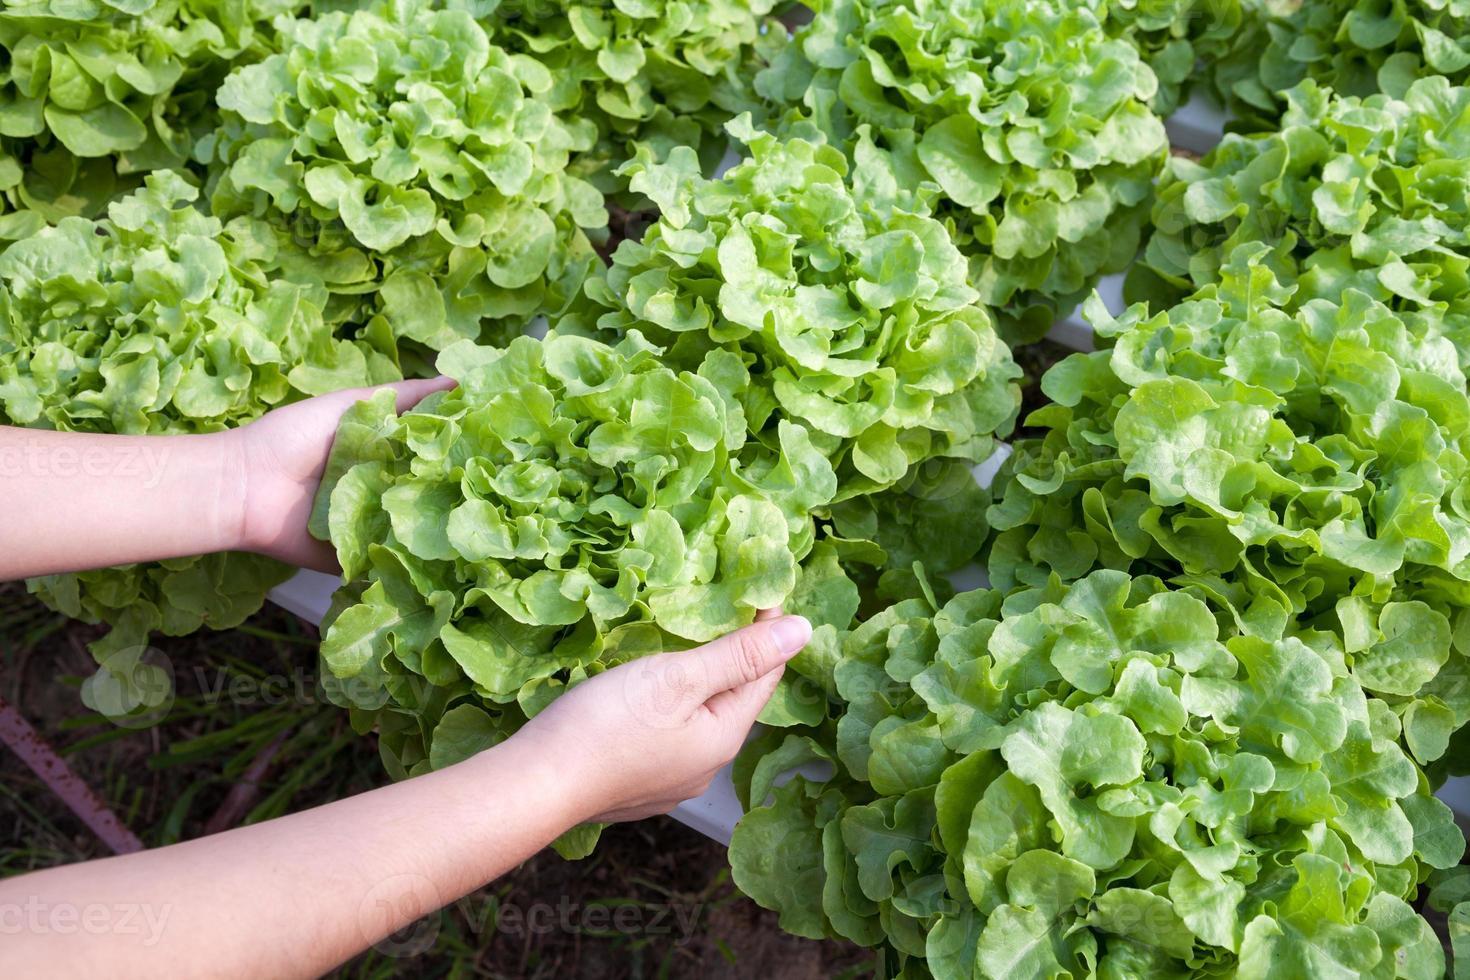 Légume hydroponique biologique à portée de main dans un jardin photo